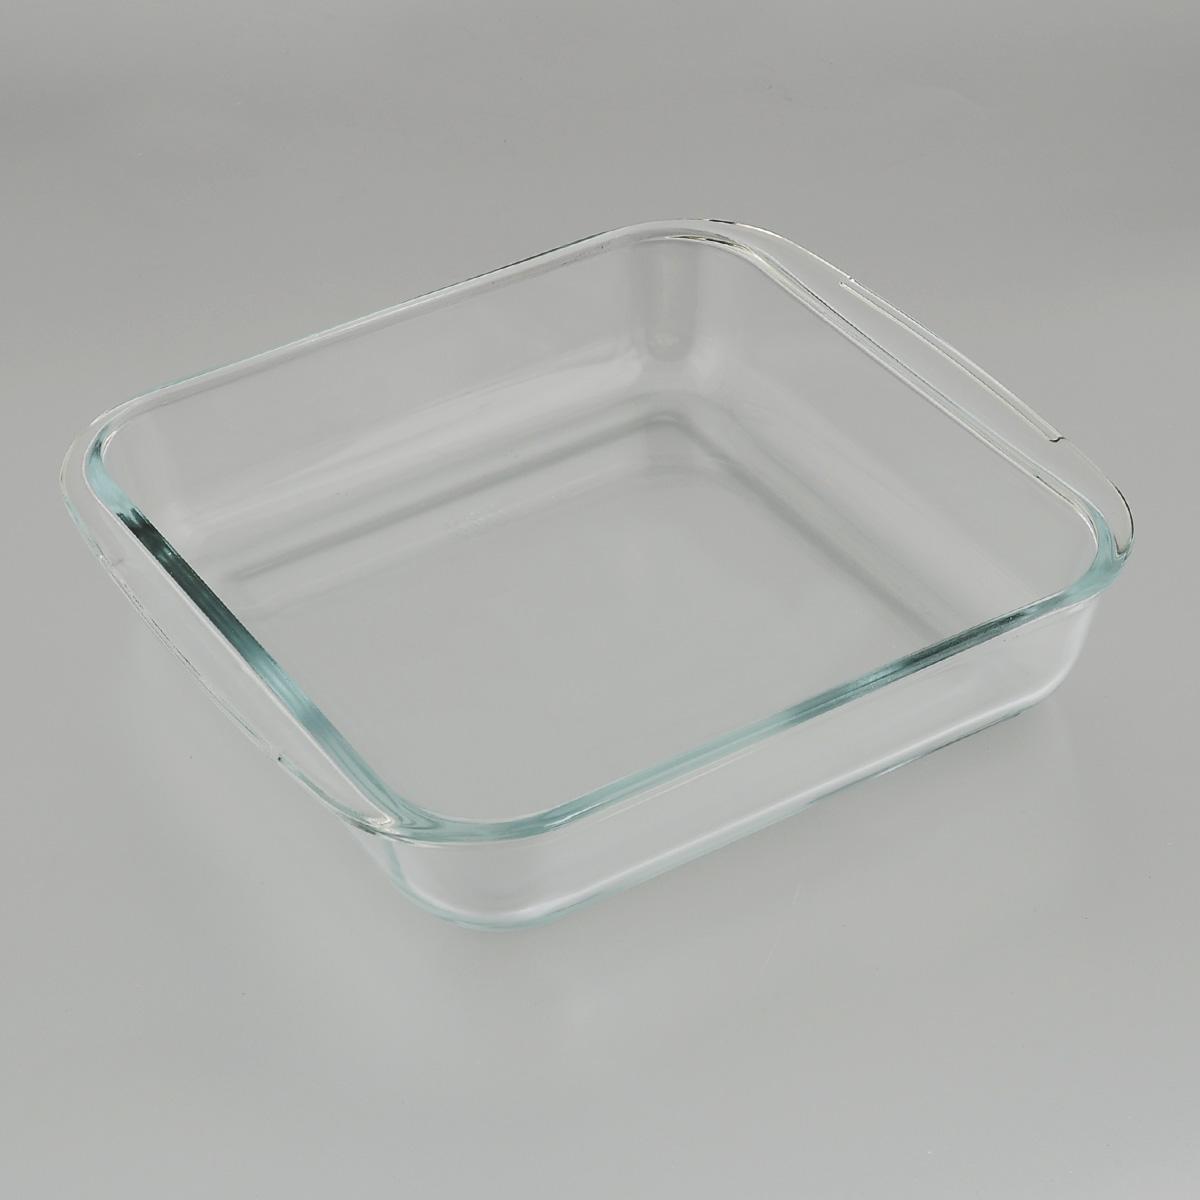 Форма для запекания Mijotex, квадратная, 24 х 22 смPL3Квадратная форма для запекания Mijotex изготовлена из жаропрочного стекла, которое выдерживает температуру до +450°С. Форма предназначена для приготовления горячих блюд. Оснащена двумя ручками. Материал изделия гигиеничен, прост в уходе и обладает высокой степенью прочности. Форма идеально подходит для использования в духовках, микроволновых печах, холодильниках и морозильных камерах. Также ее можно использовать на газовых плитах (на слабом огне) и на электроплитах. Можно мыть в посудомоечной машине.Внутренний размер формы: 21 см х 21 см.Внешний размер формы (с учетом ручек): 25 см х 22 см. Высота стенки формы: 5 см.